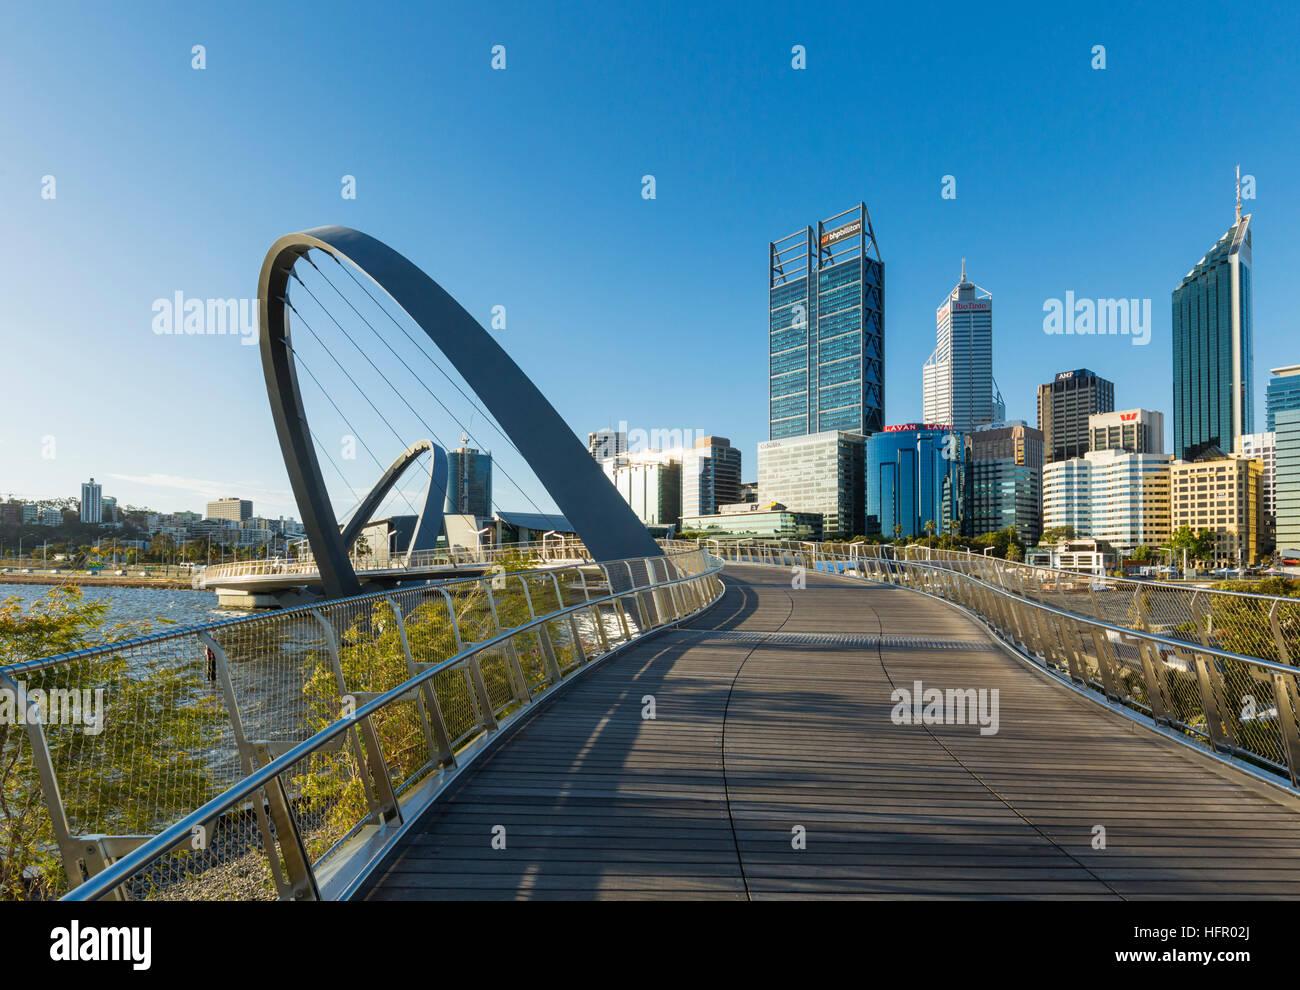 Afficher le long de la passerelle pour piétons quai Elizabeth à l'horizon de la ville au-delà, Photo Stock